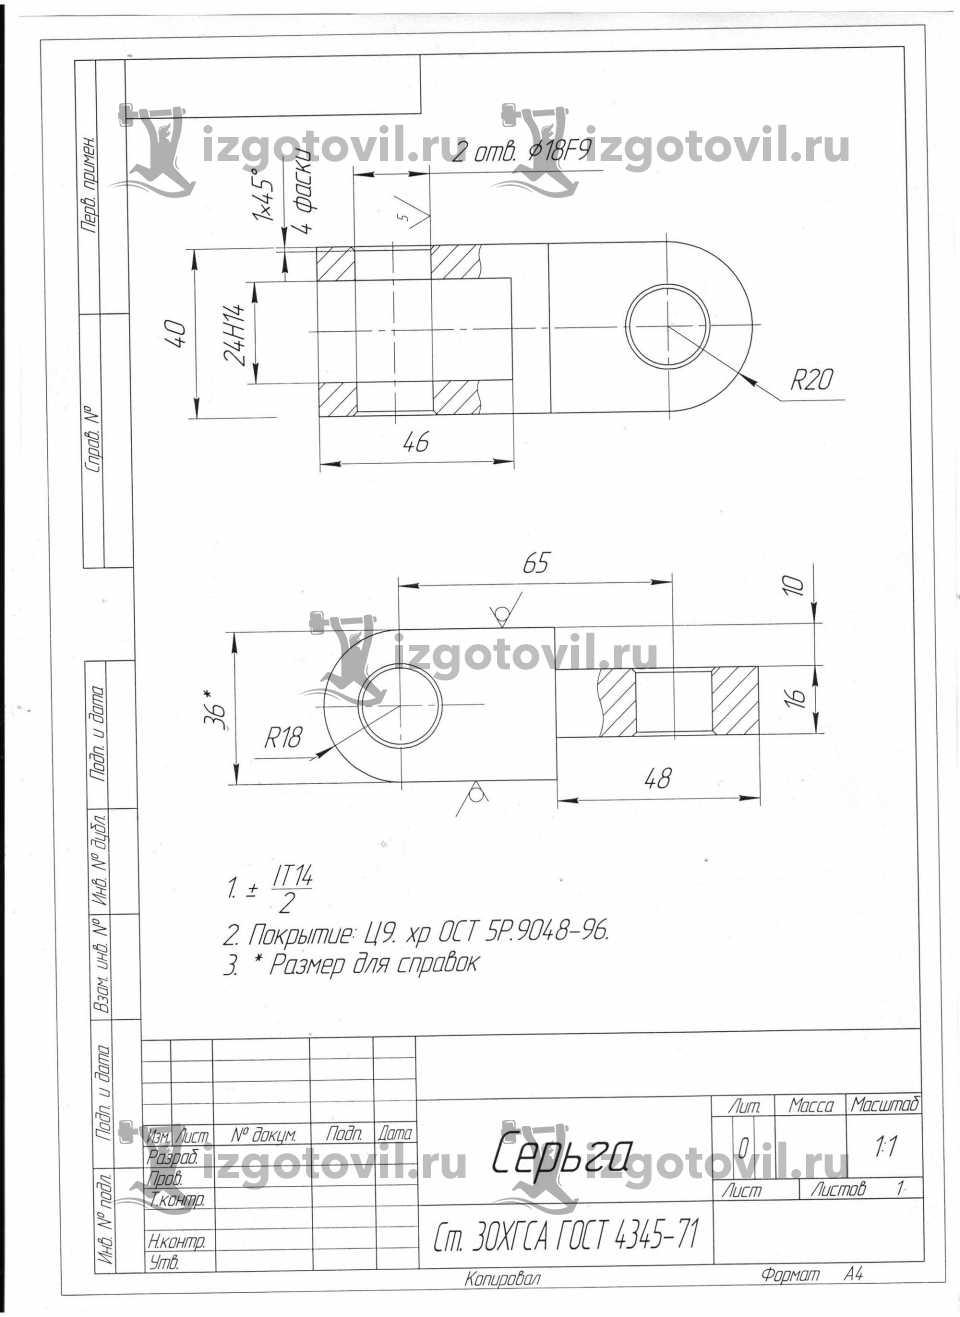 Фрезеровка металла - изготовить серьги